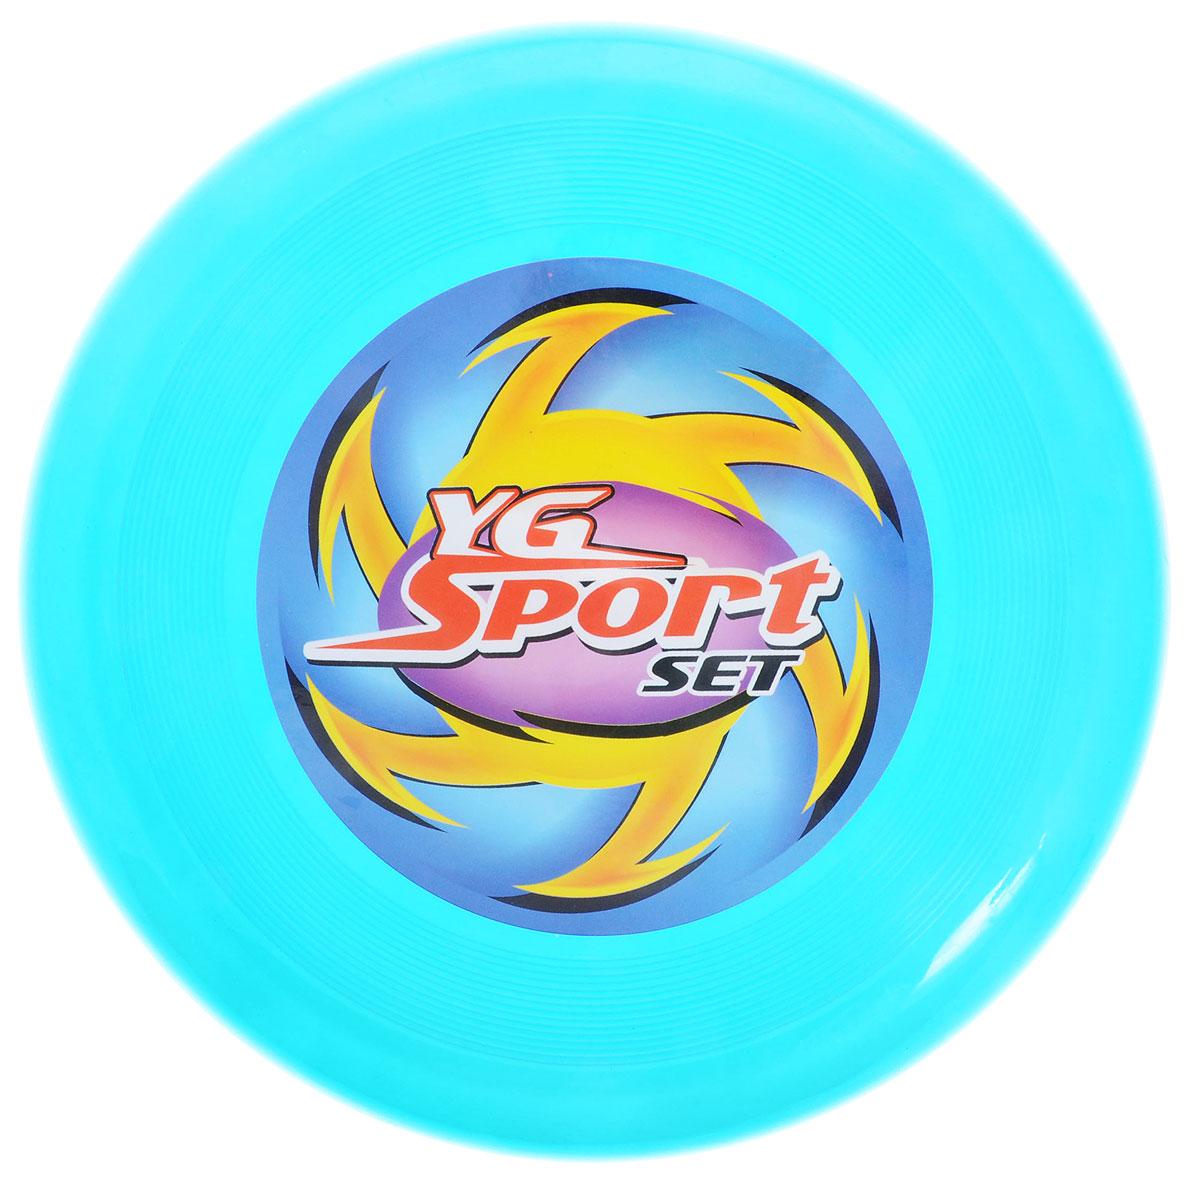 YG Sport Летающий диск цвет голубойYG03JЛетающий диск YG Sport выполнен из прочного материала, что обеспечивает ему долговечность. А яркость и особая форма делают идеальным для спортивных развлечений! Летающий диск способен поднять настроение всем! Каждый ребенок будет рад такому яркому и спортивному подарку.